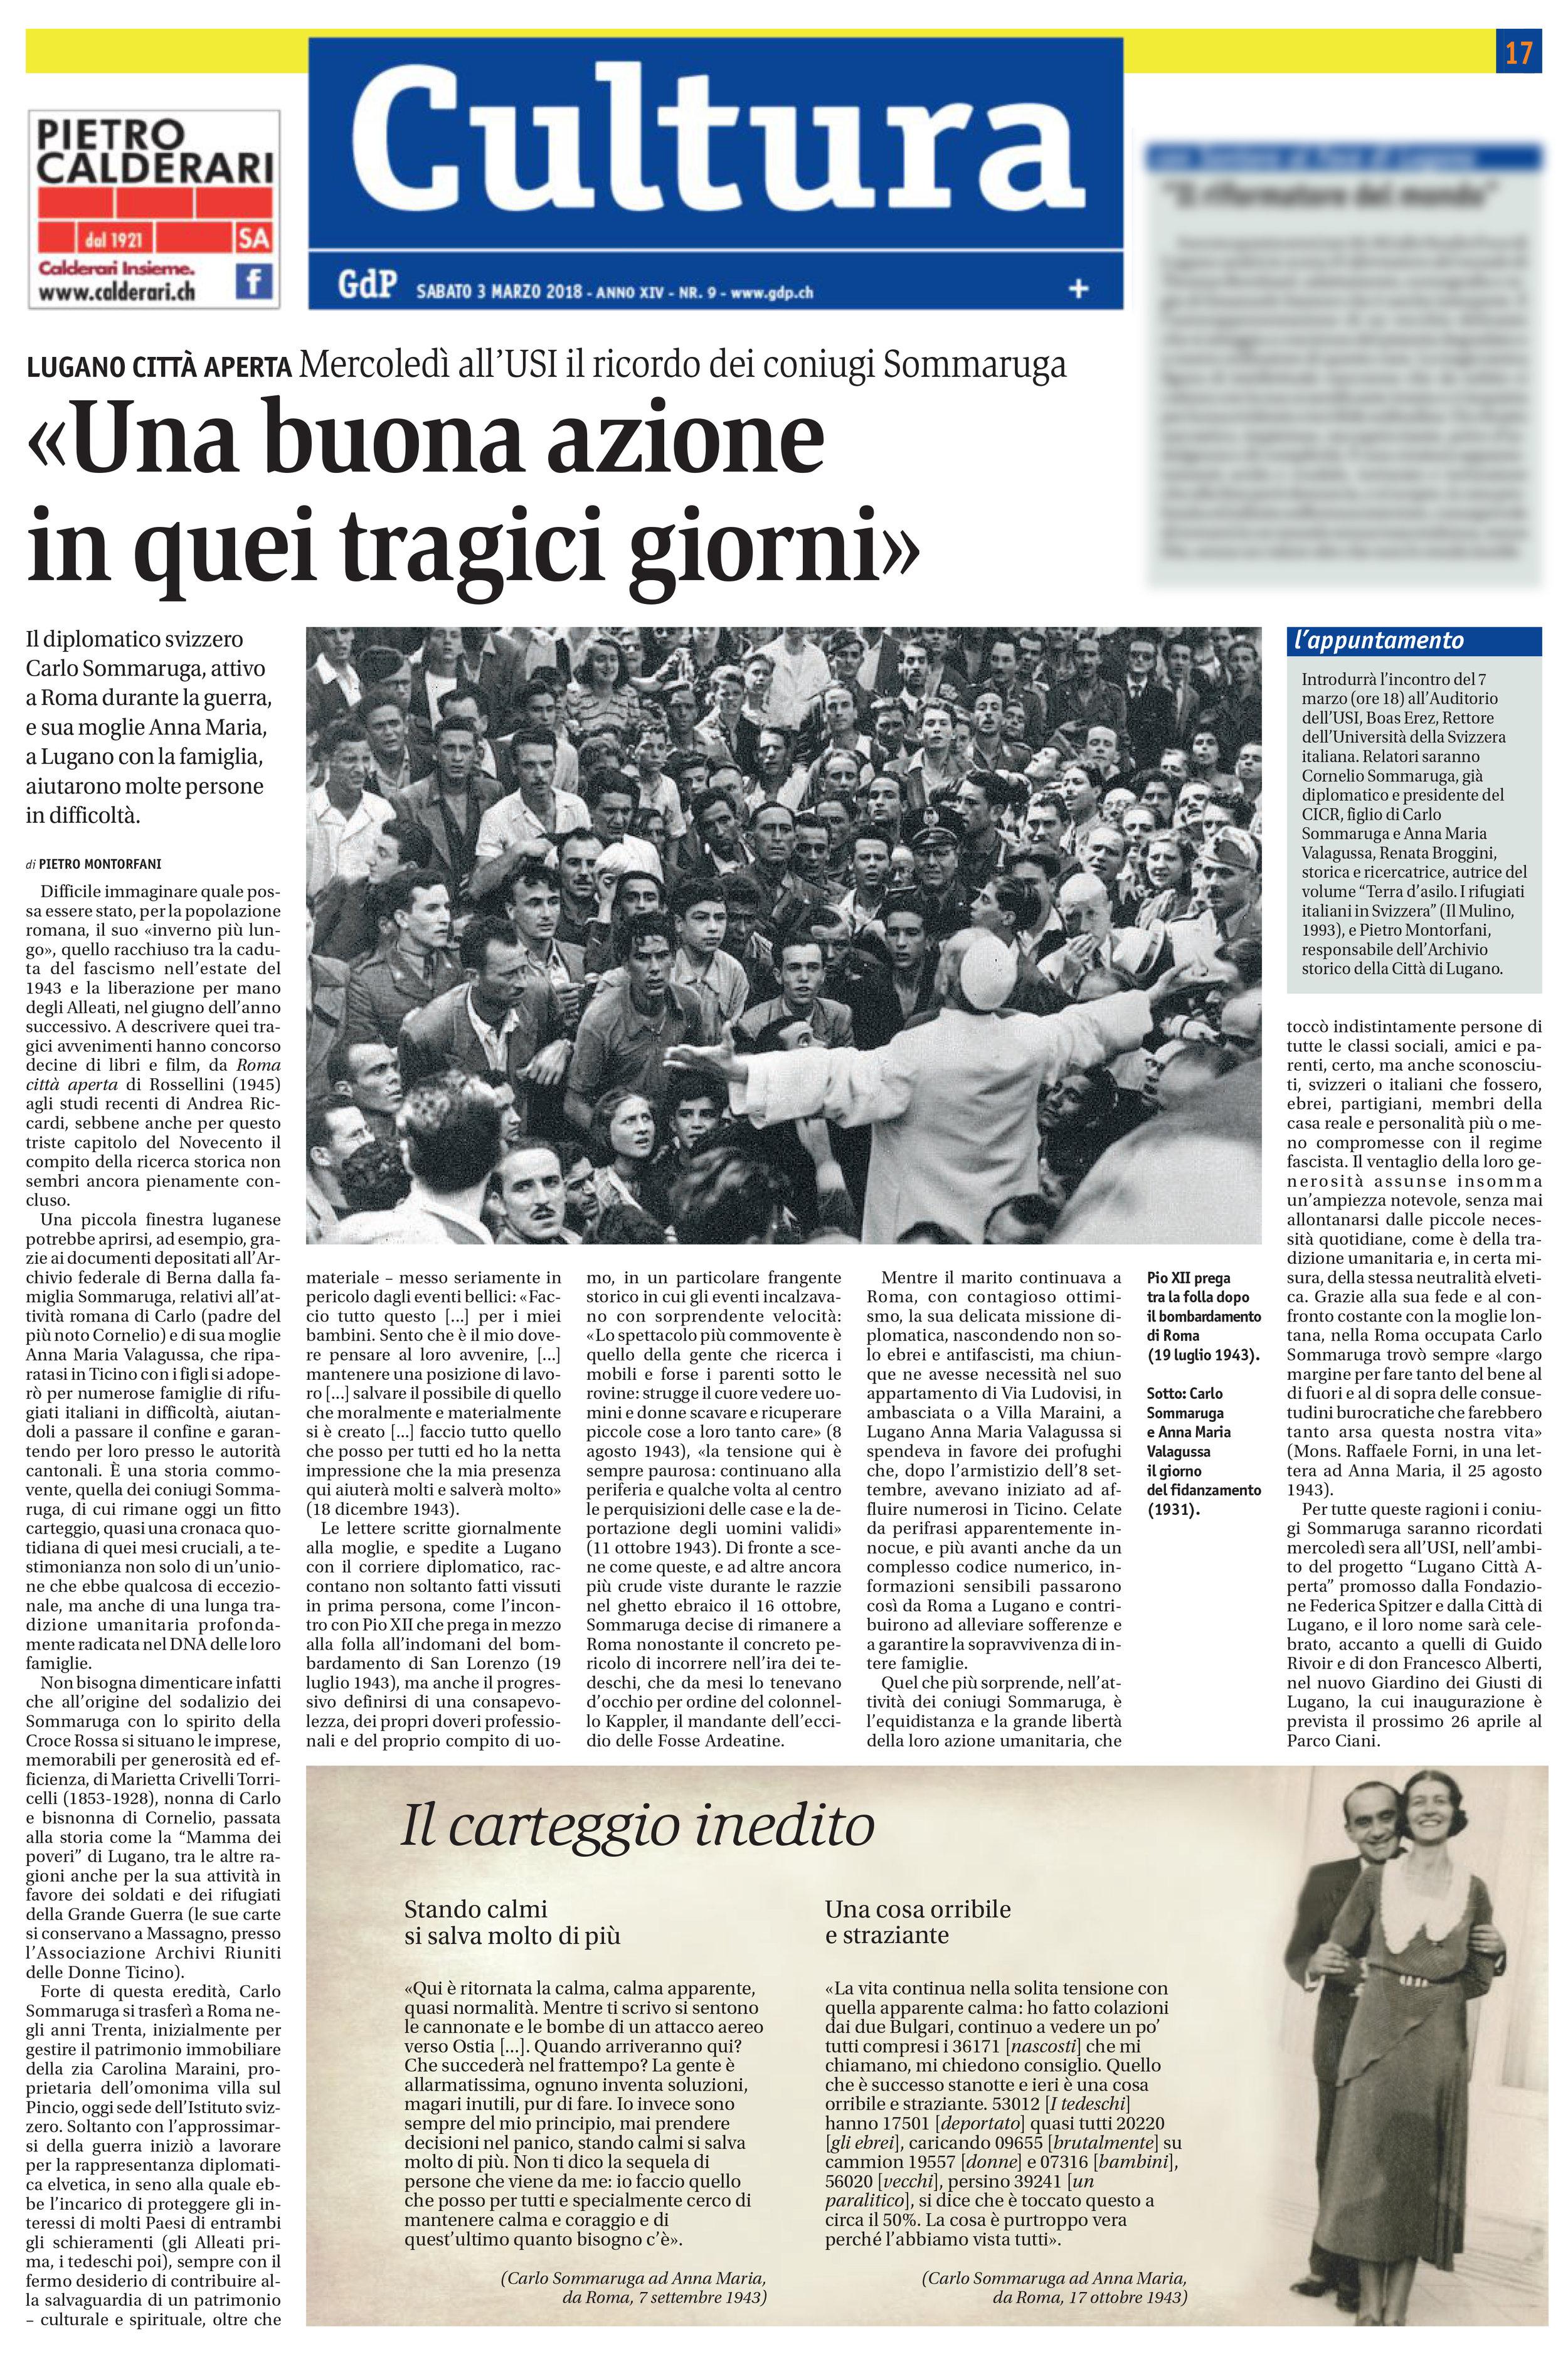 03.03.18 - Giornale del Popolo